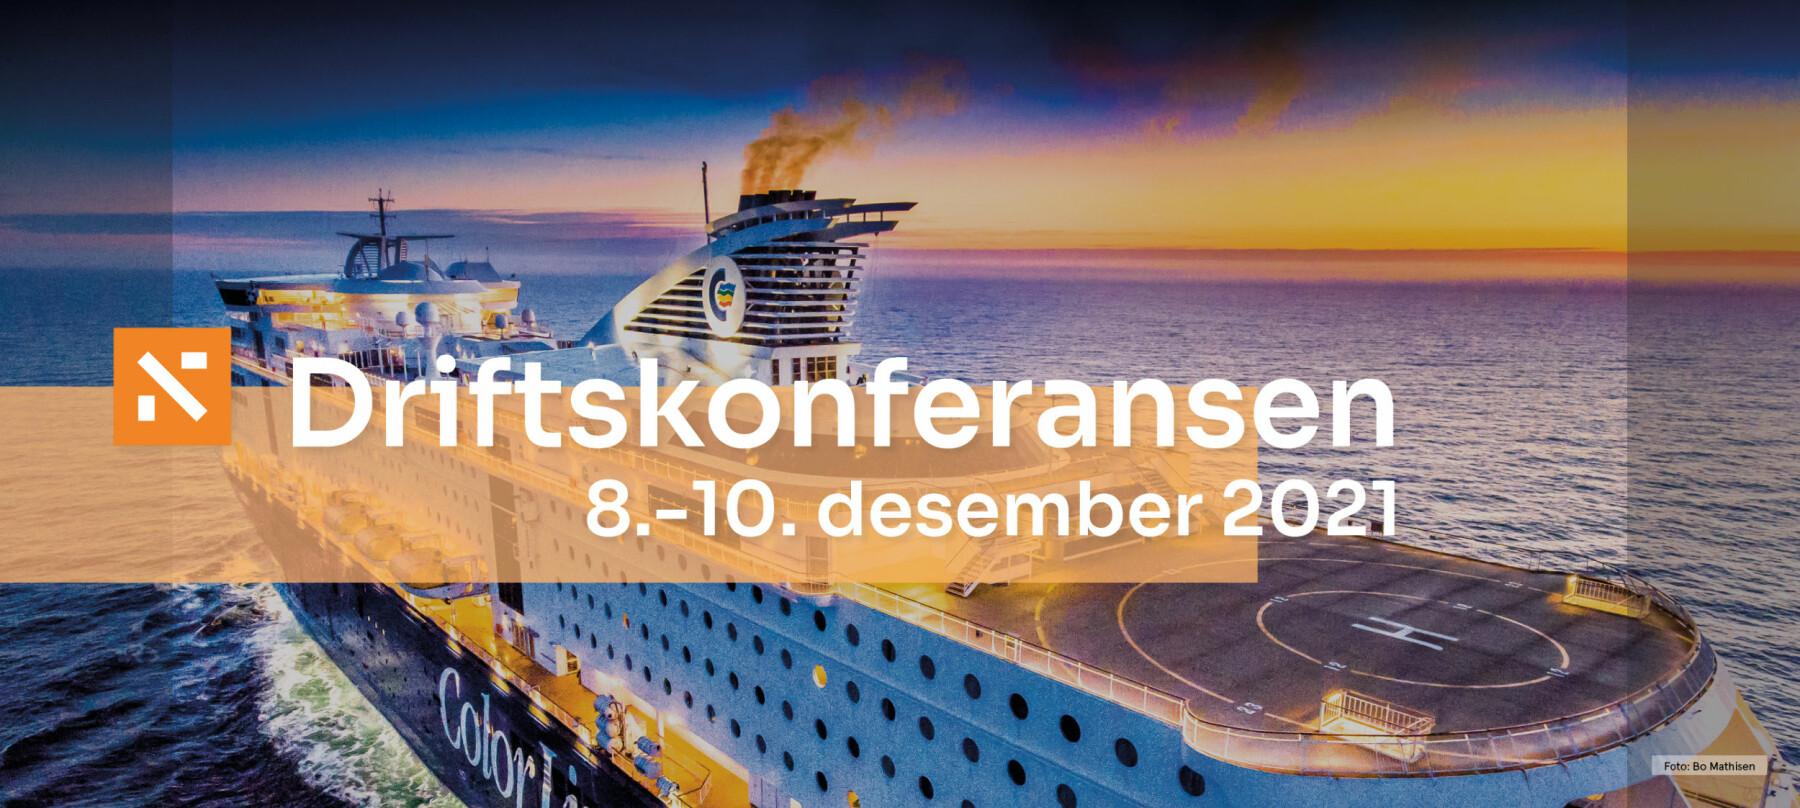 Driftskonferansen8.-10. desember 2021 | Color Magic